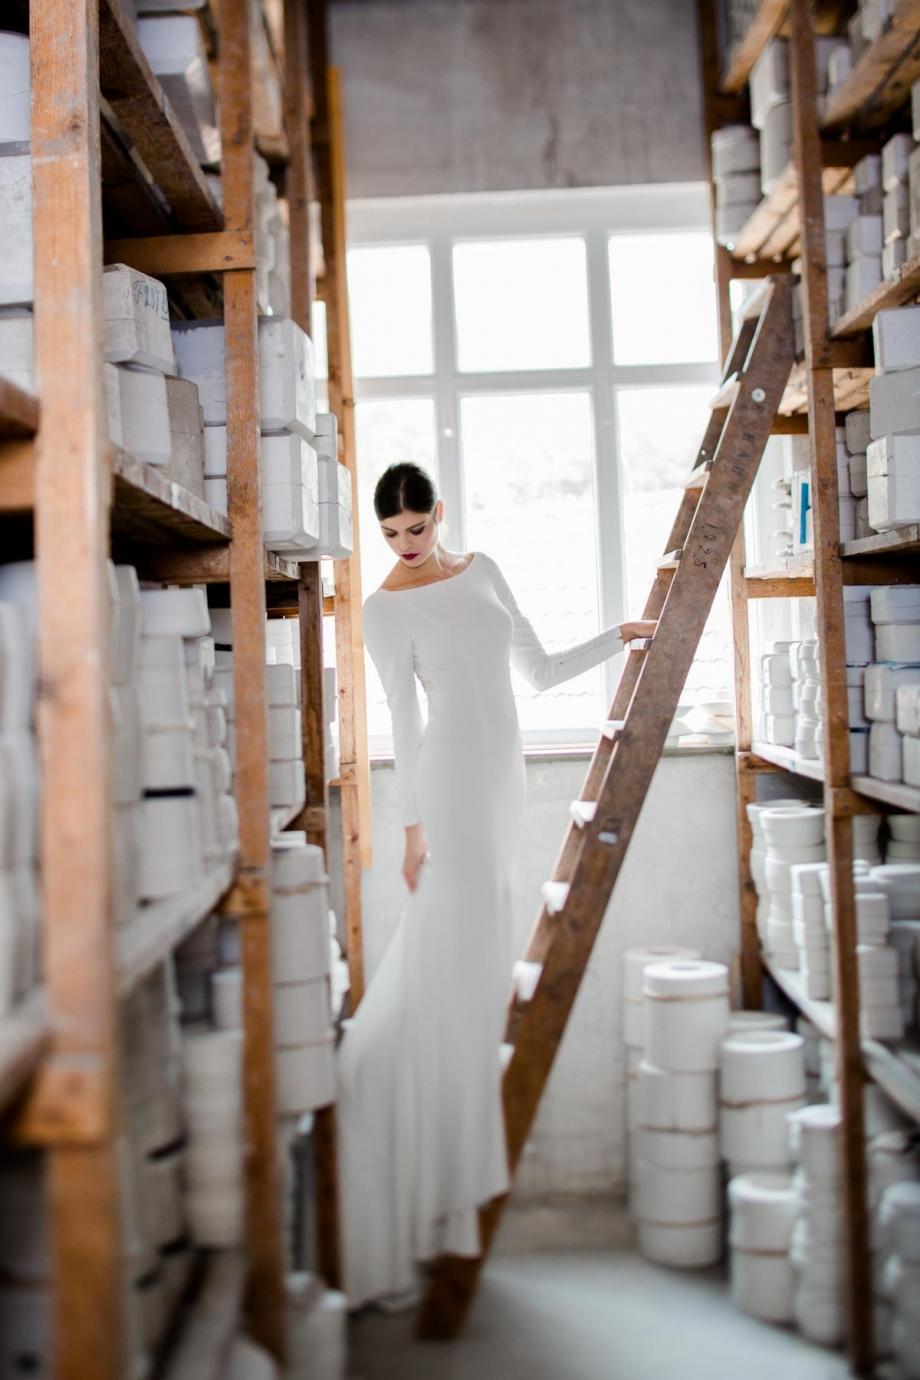 Hochzeitsfotos in Meissen in der Porzellanmanufaktur